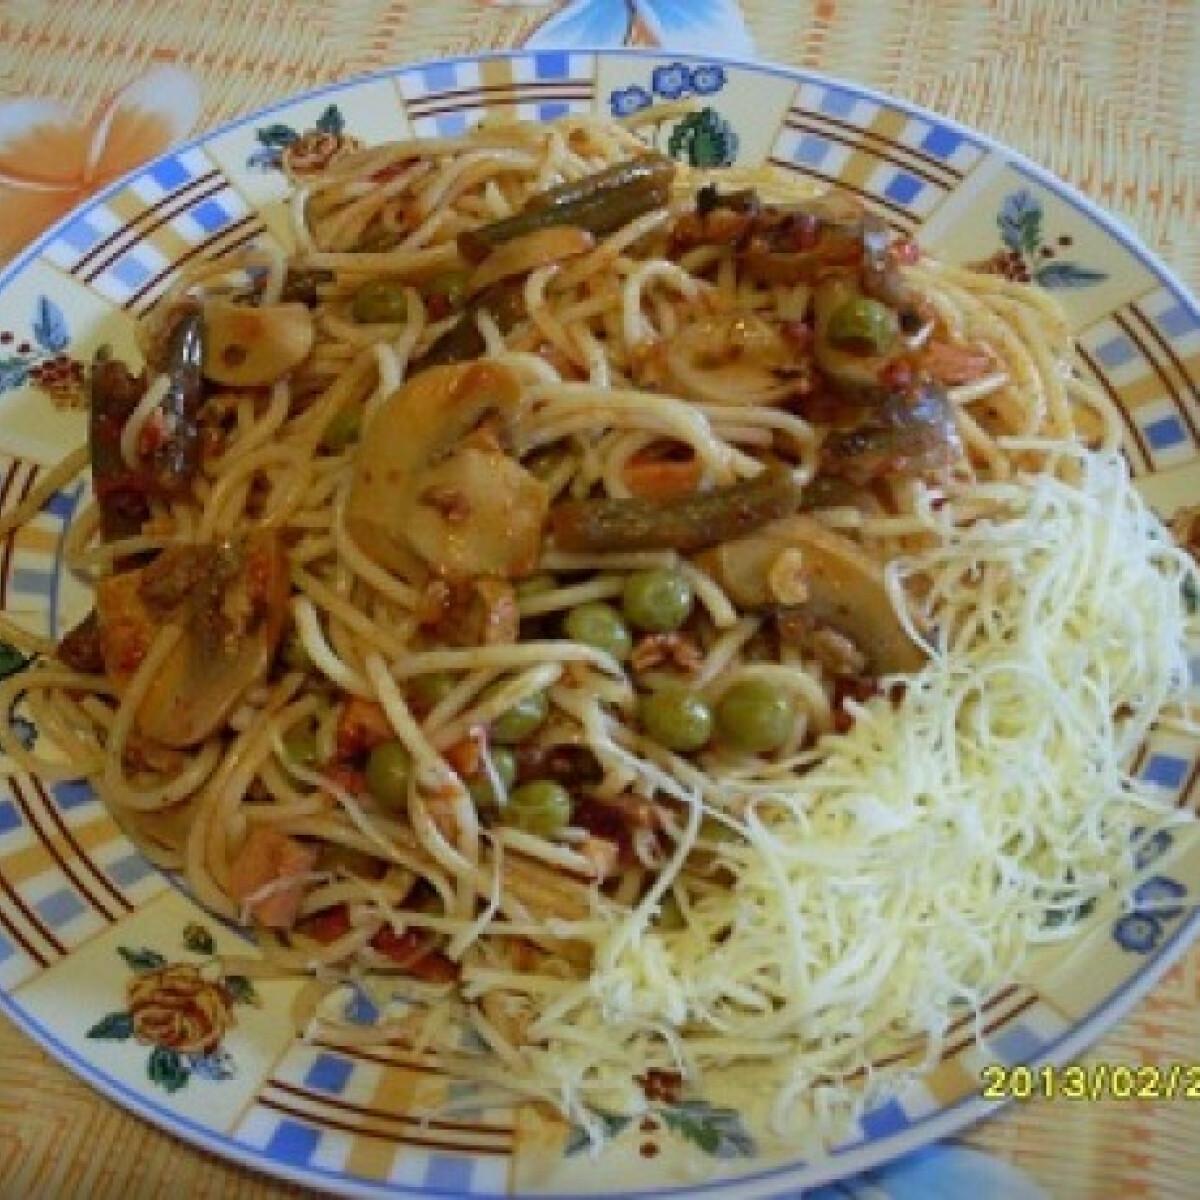 Ezen a képen: Gombás-zöldbabos-borsós szósz spagettivel